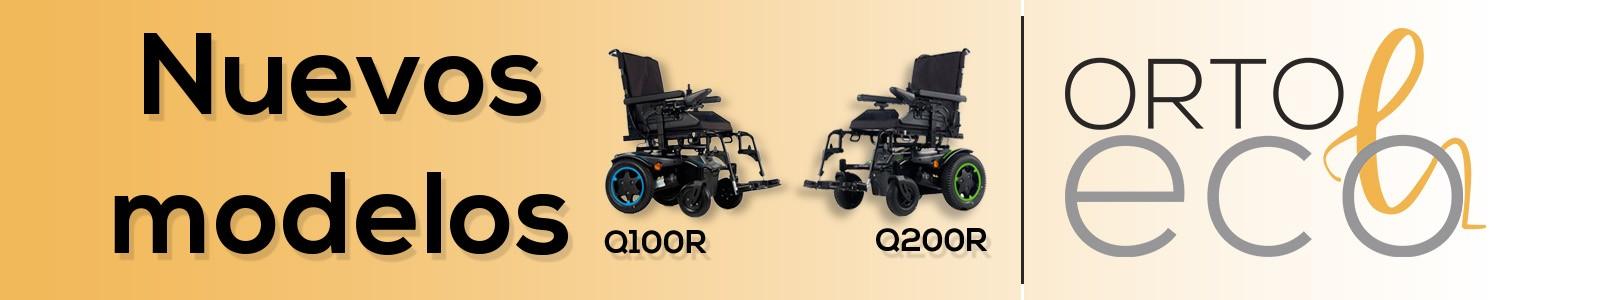 Q100R-Q200R